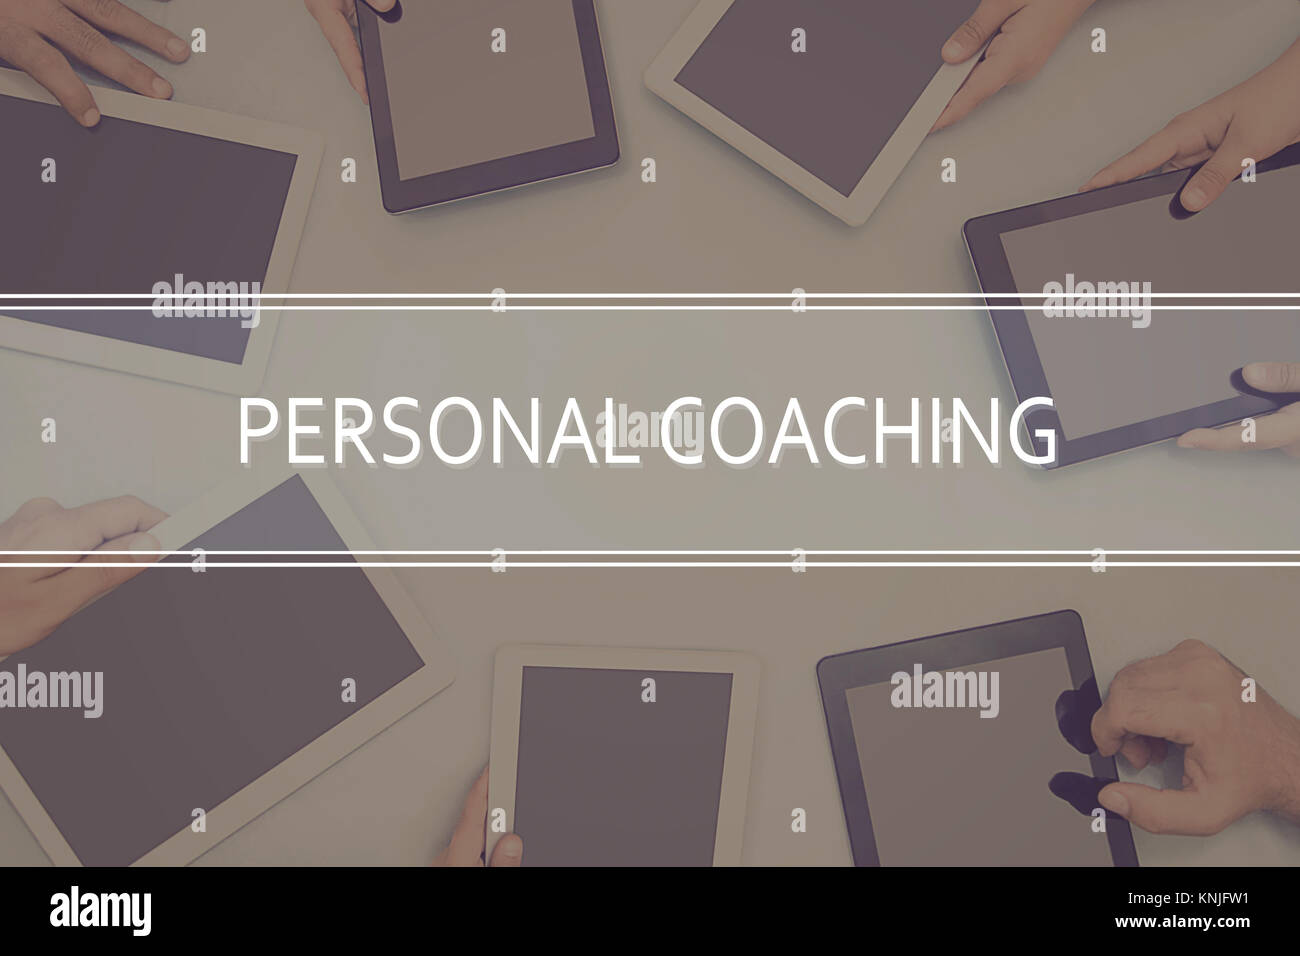 Concepto de coaching personal concepto empresarial. Imagen De Stock